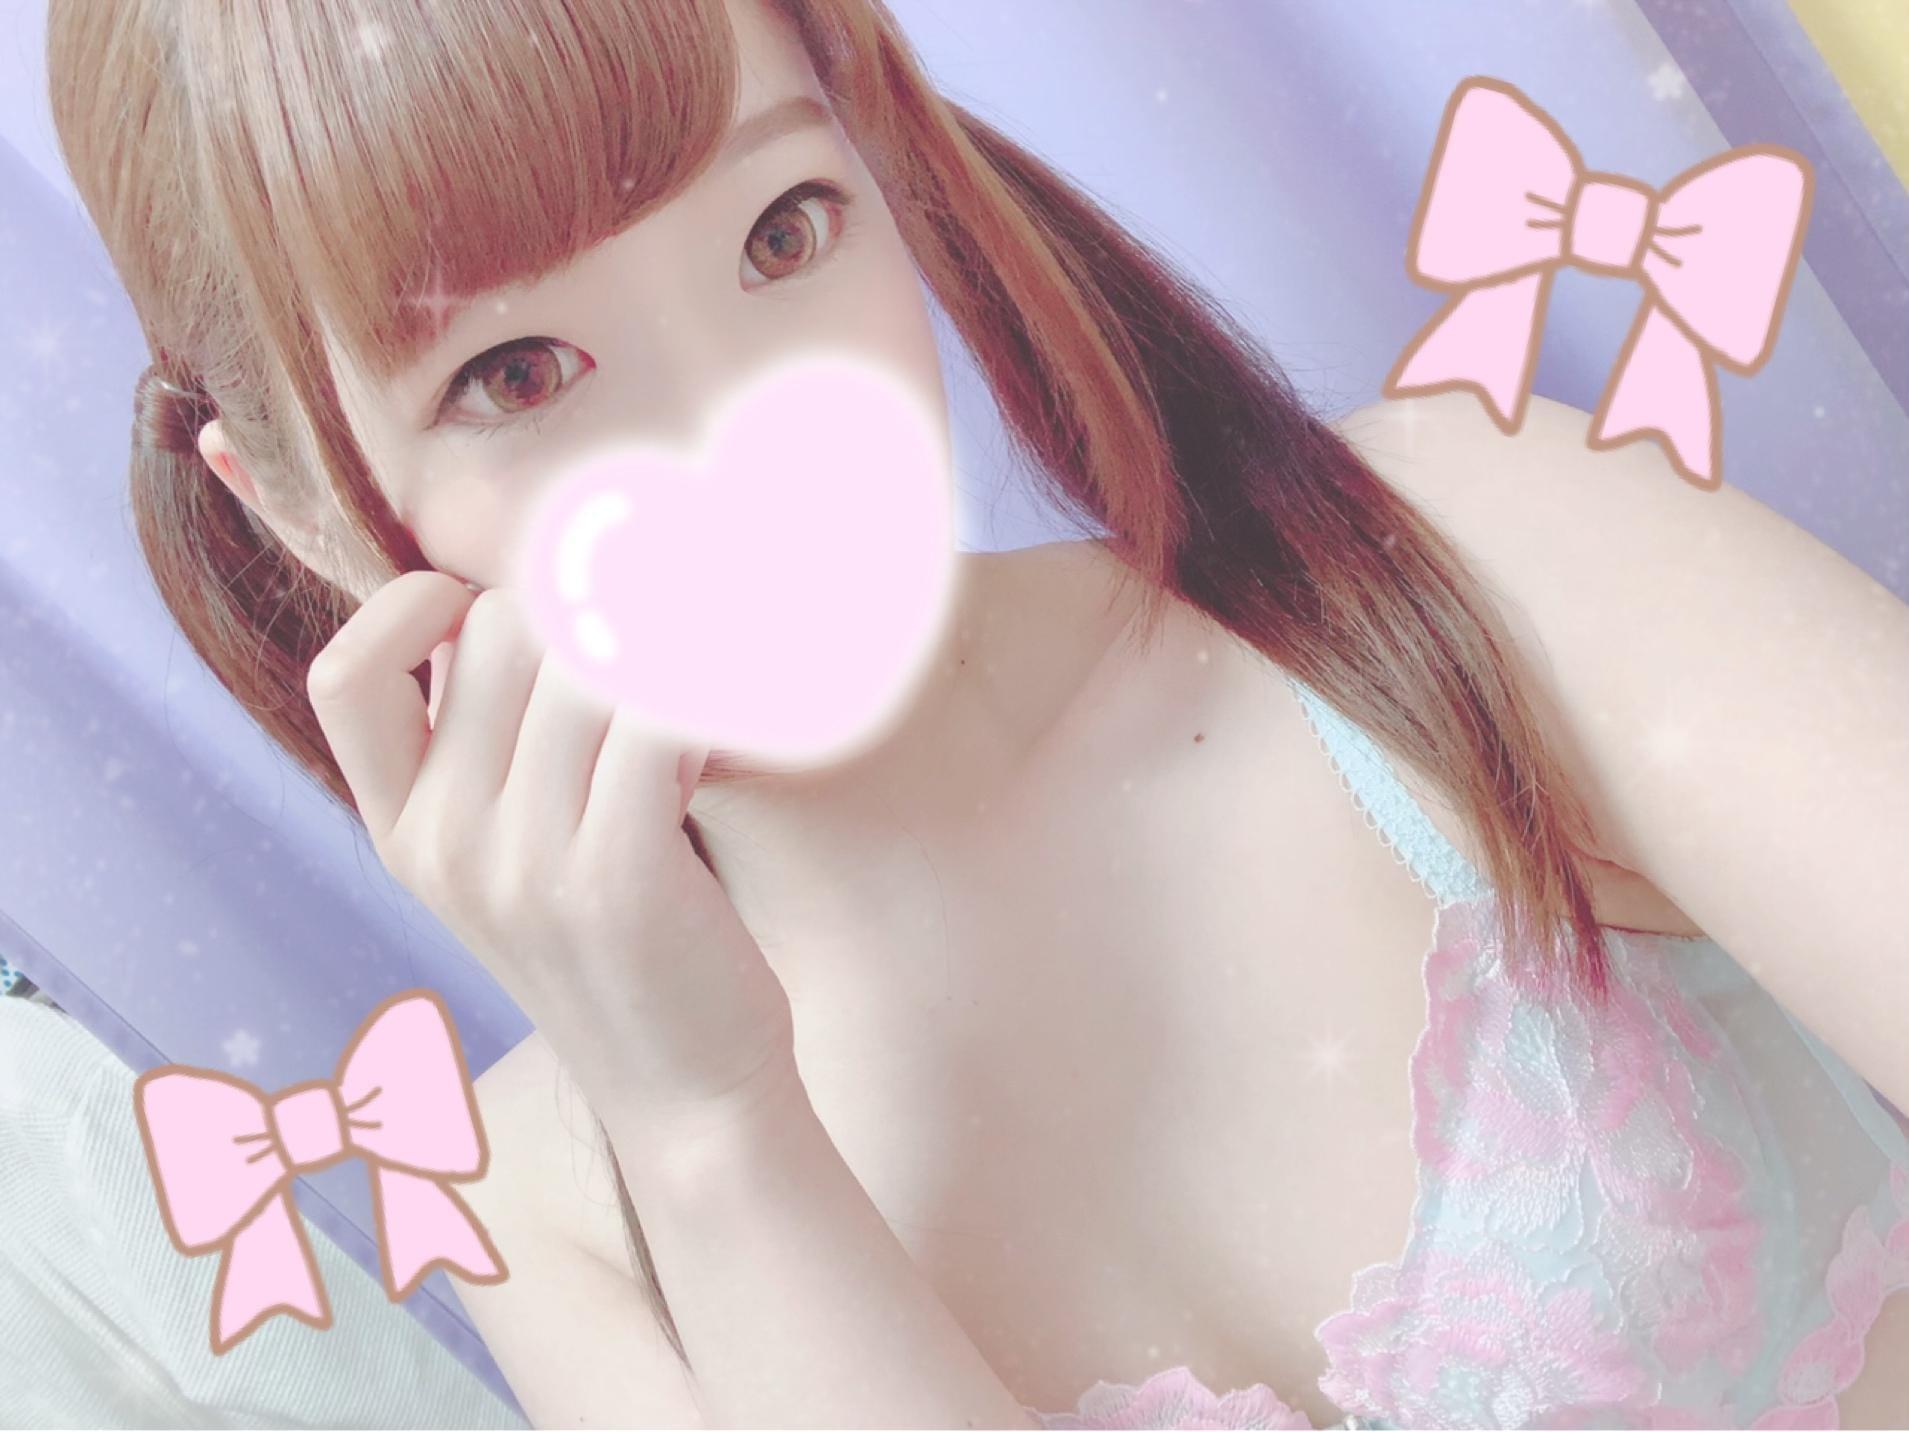 「はじめまして♡」09/10(09/10) 14:18 | ゆのの写メ・風俗動画